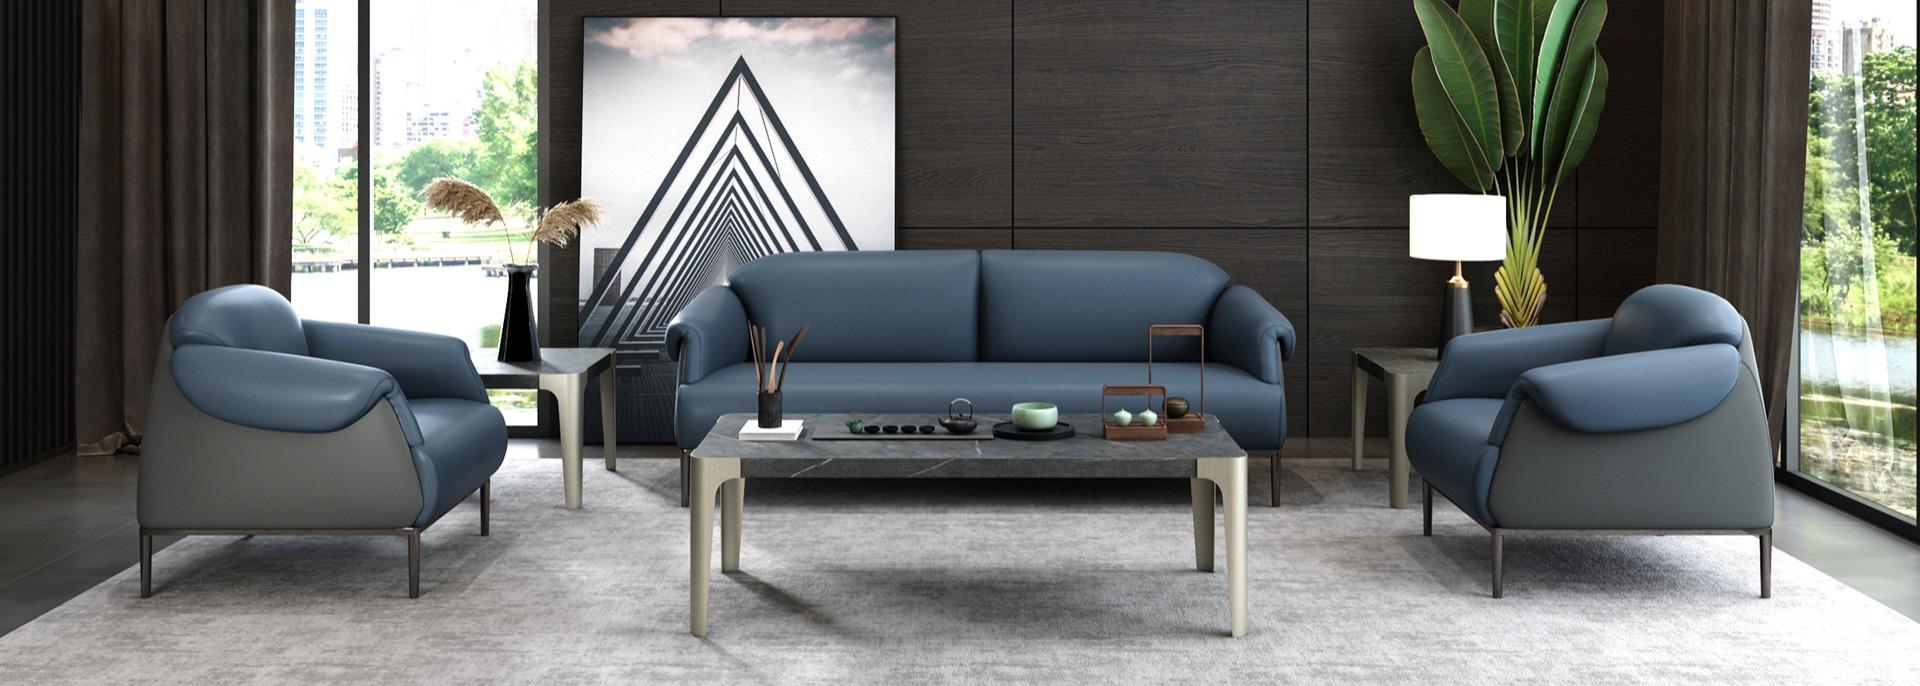 梵创骑士系列沙发